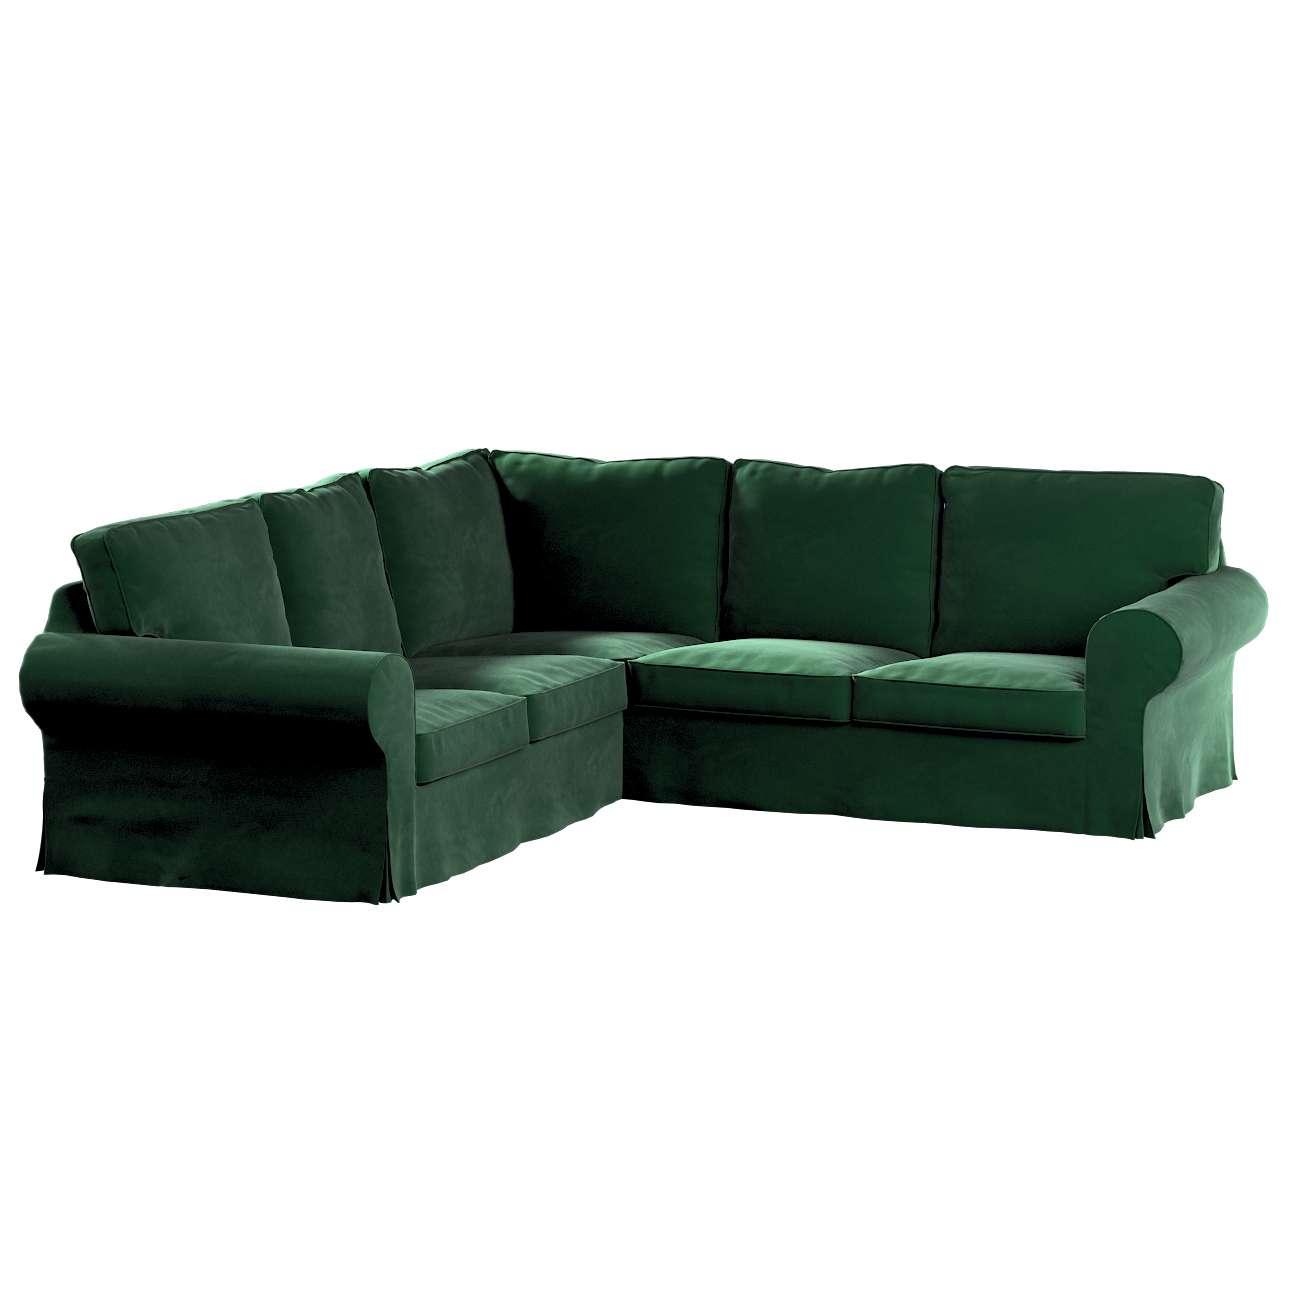 Pokrowiec na sofę narożną Ektorp w kolekcji Velvet, tkanina: 704-13